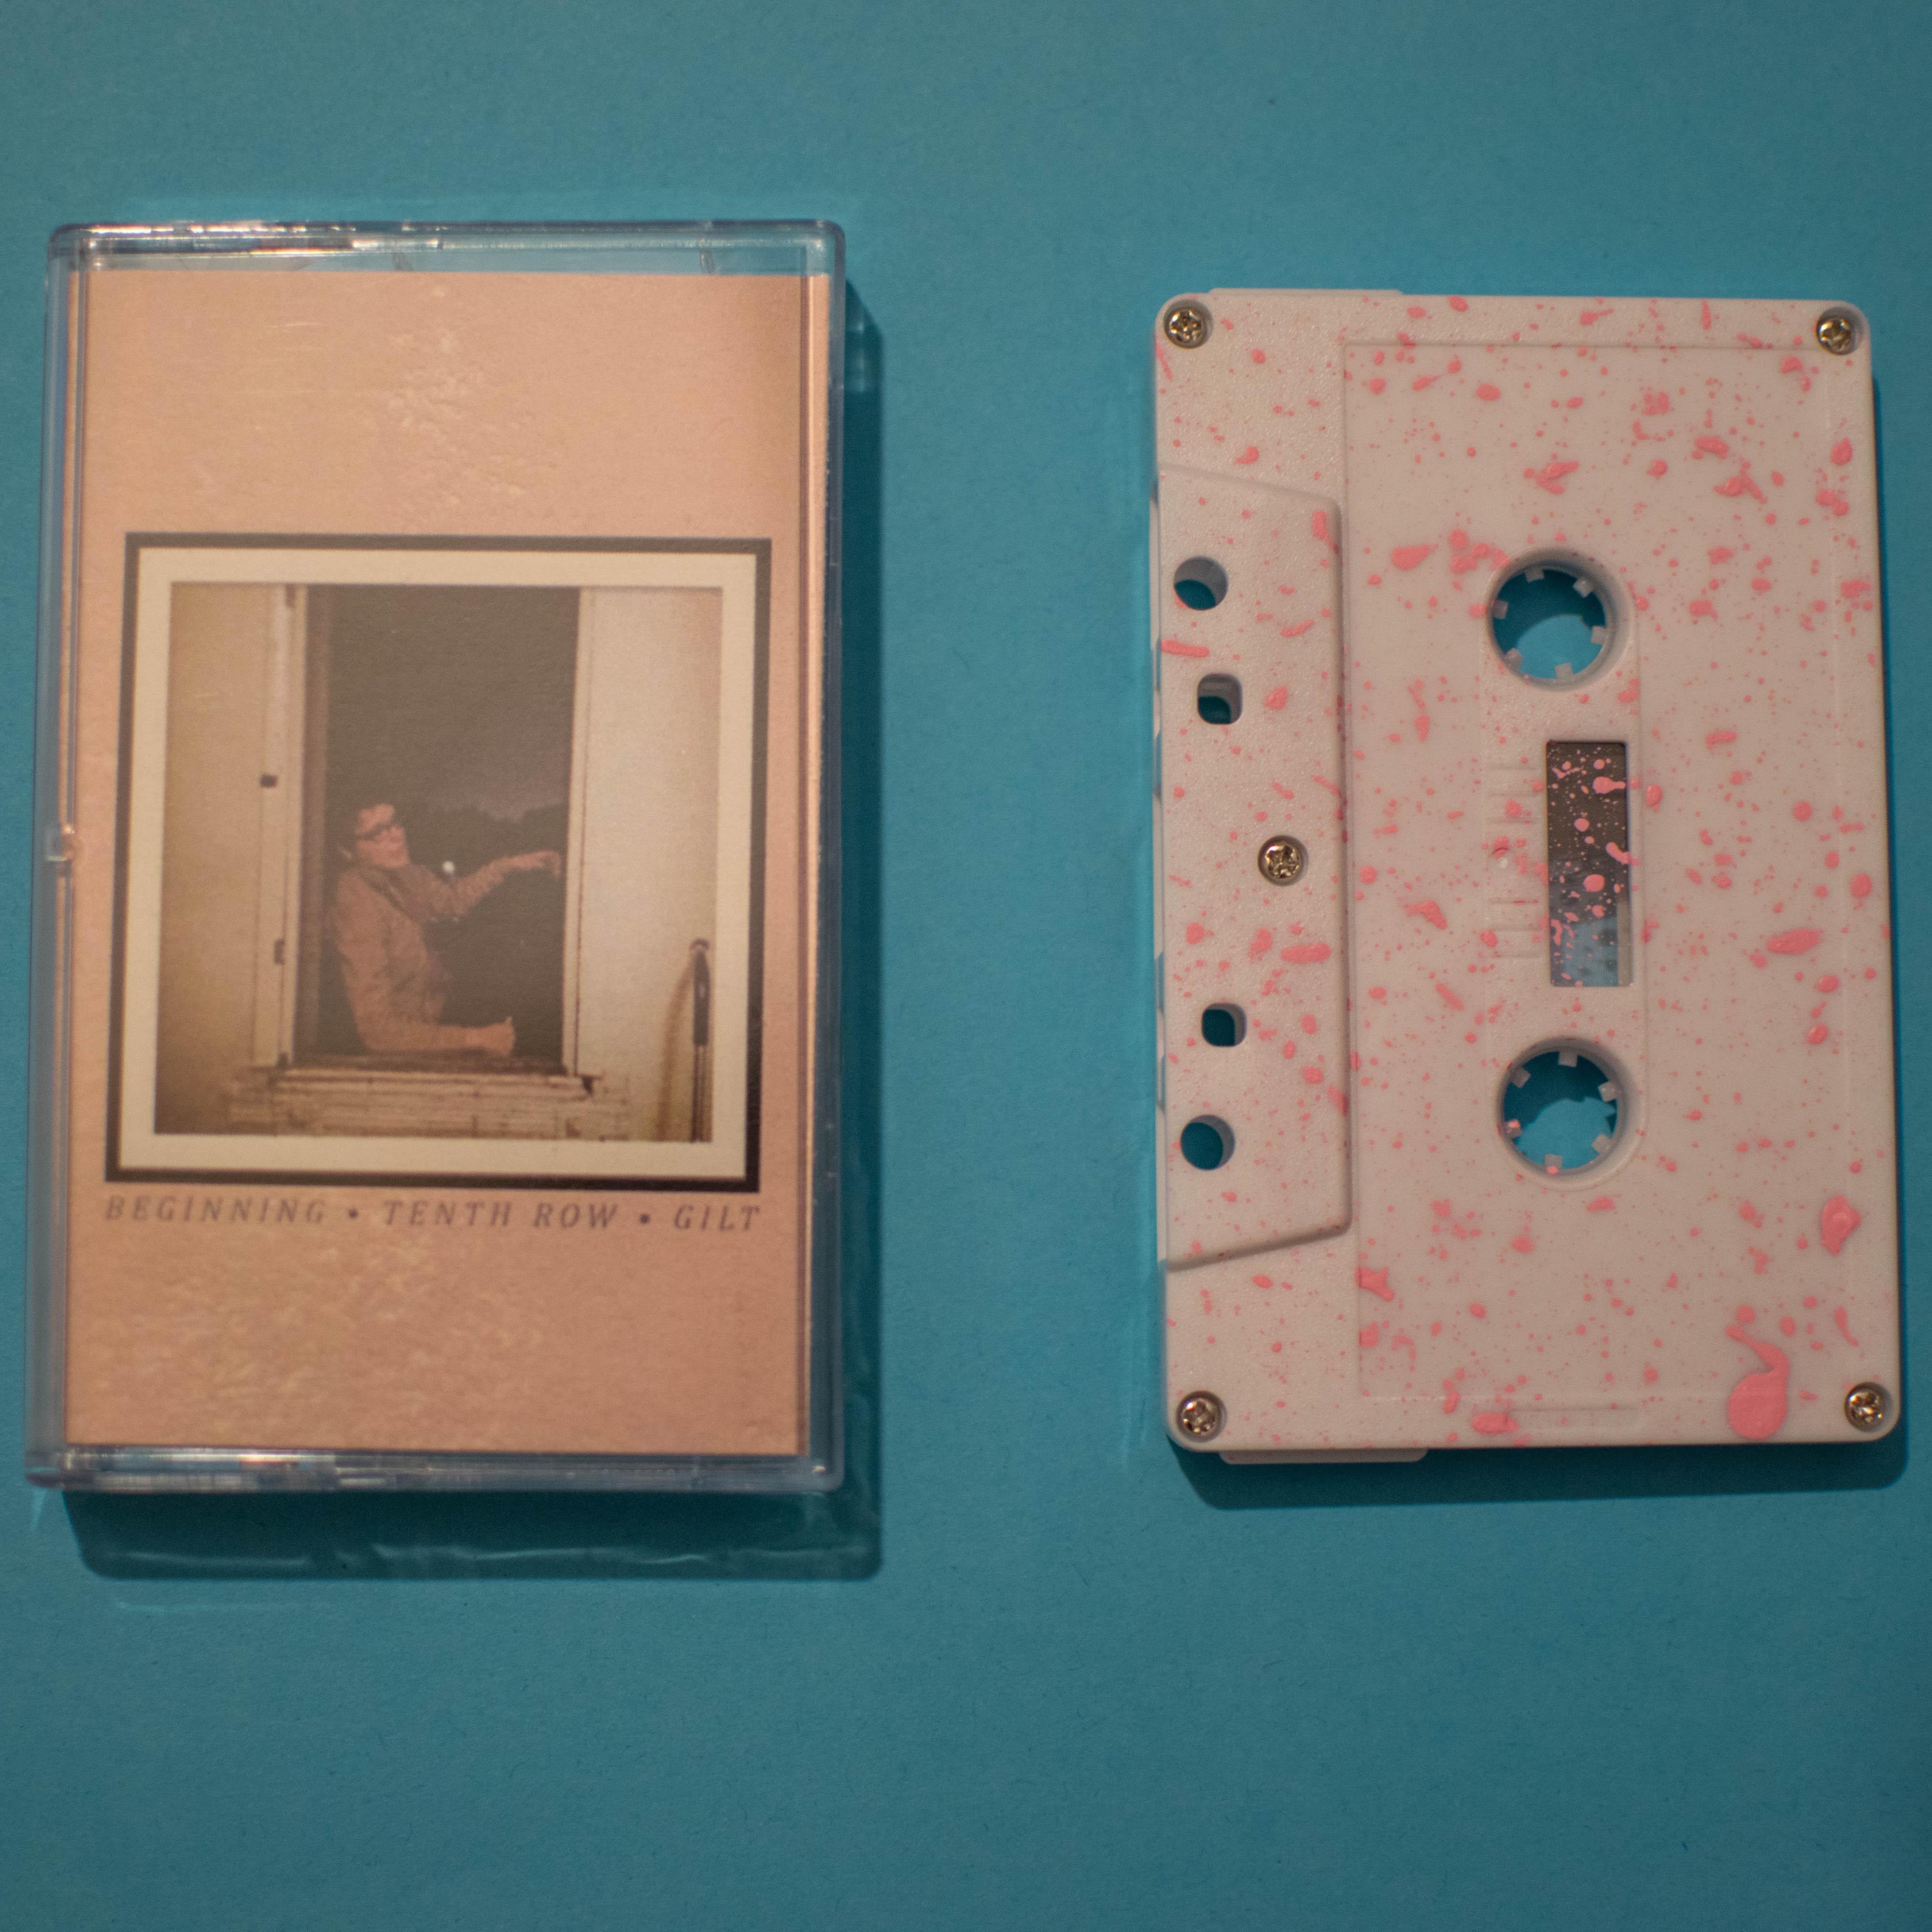 [FWR025] GILT | Beginning / Tenth Row / GILT Split Cassette Tape